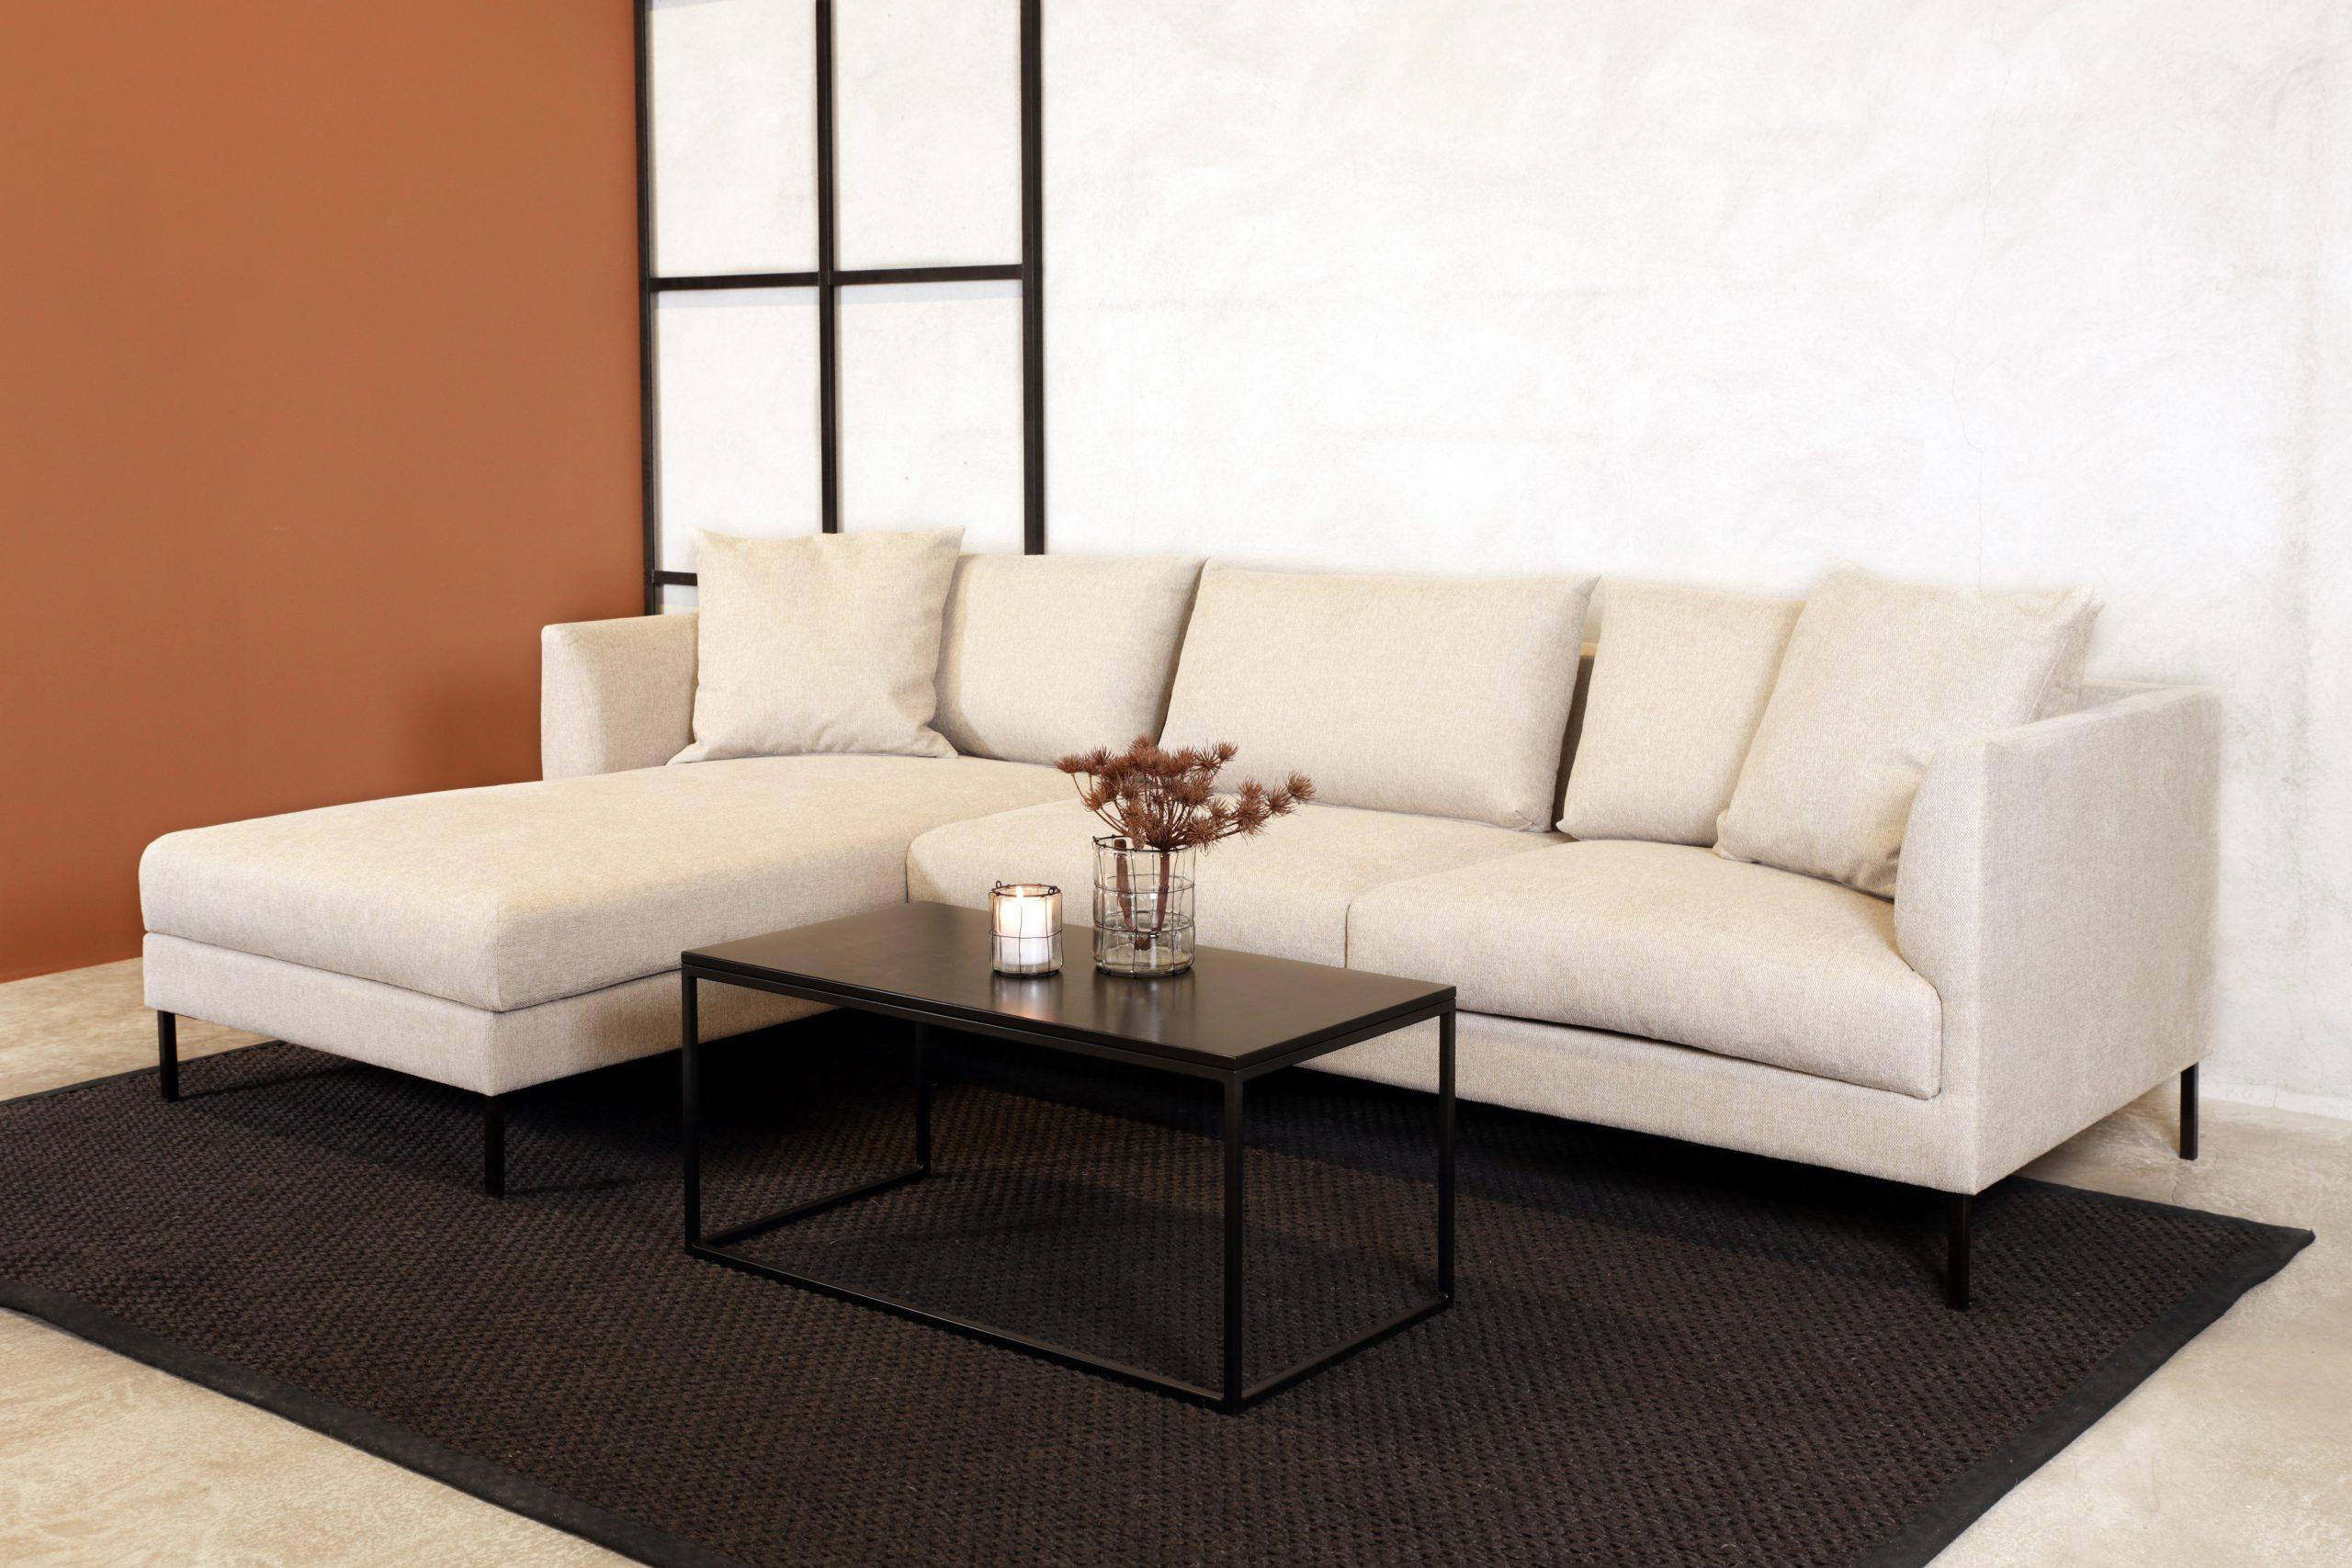 oskar sofa 3 seter natur m sjeslong venstre side